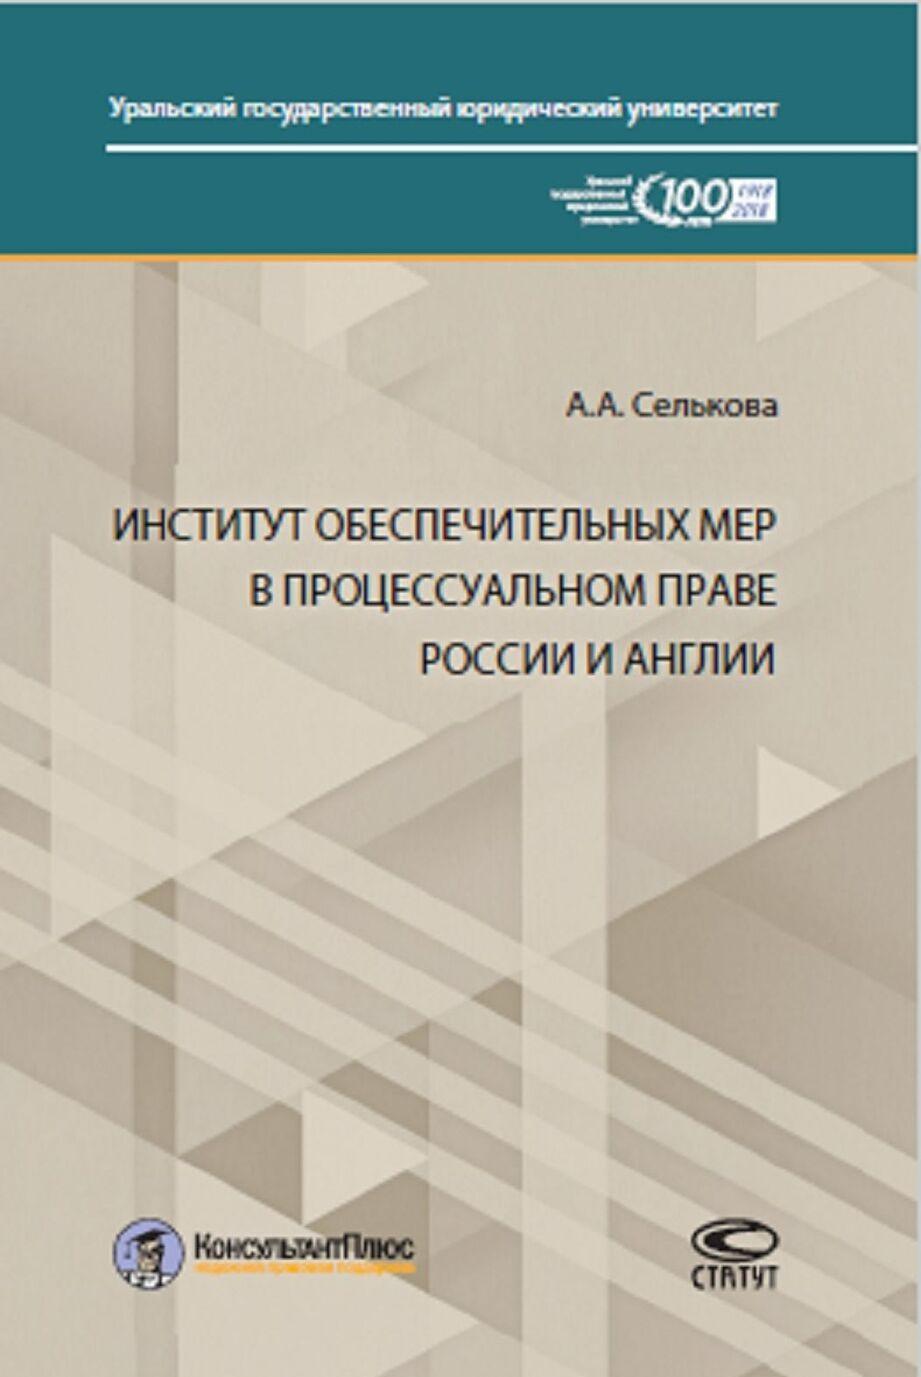 Institut obespechitelnykh mer v protsessualnom prave Rossii i Anglii.